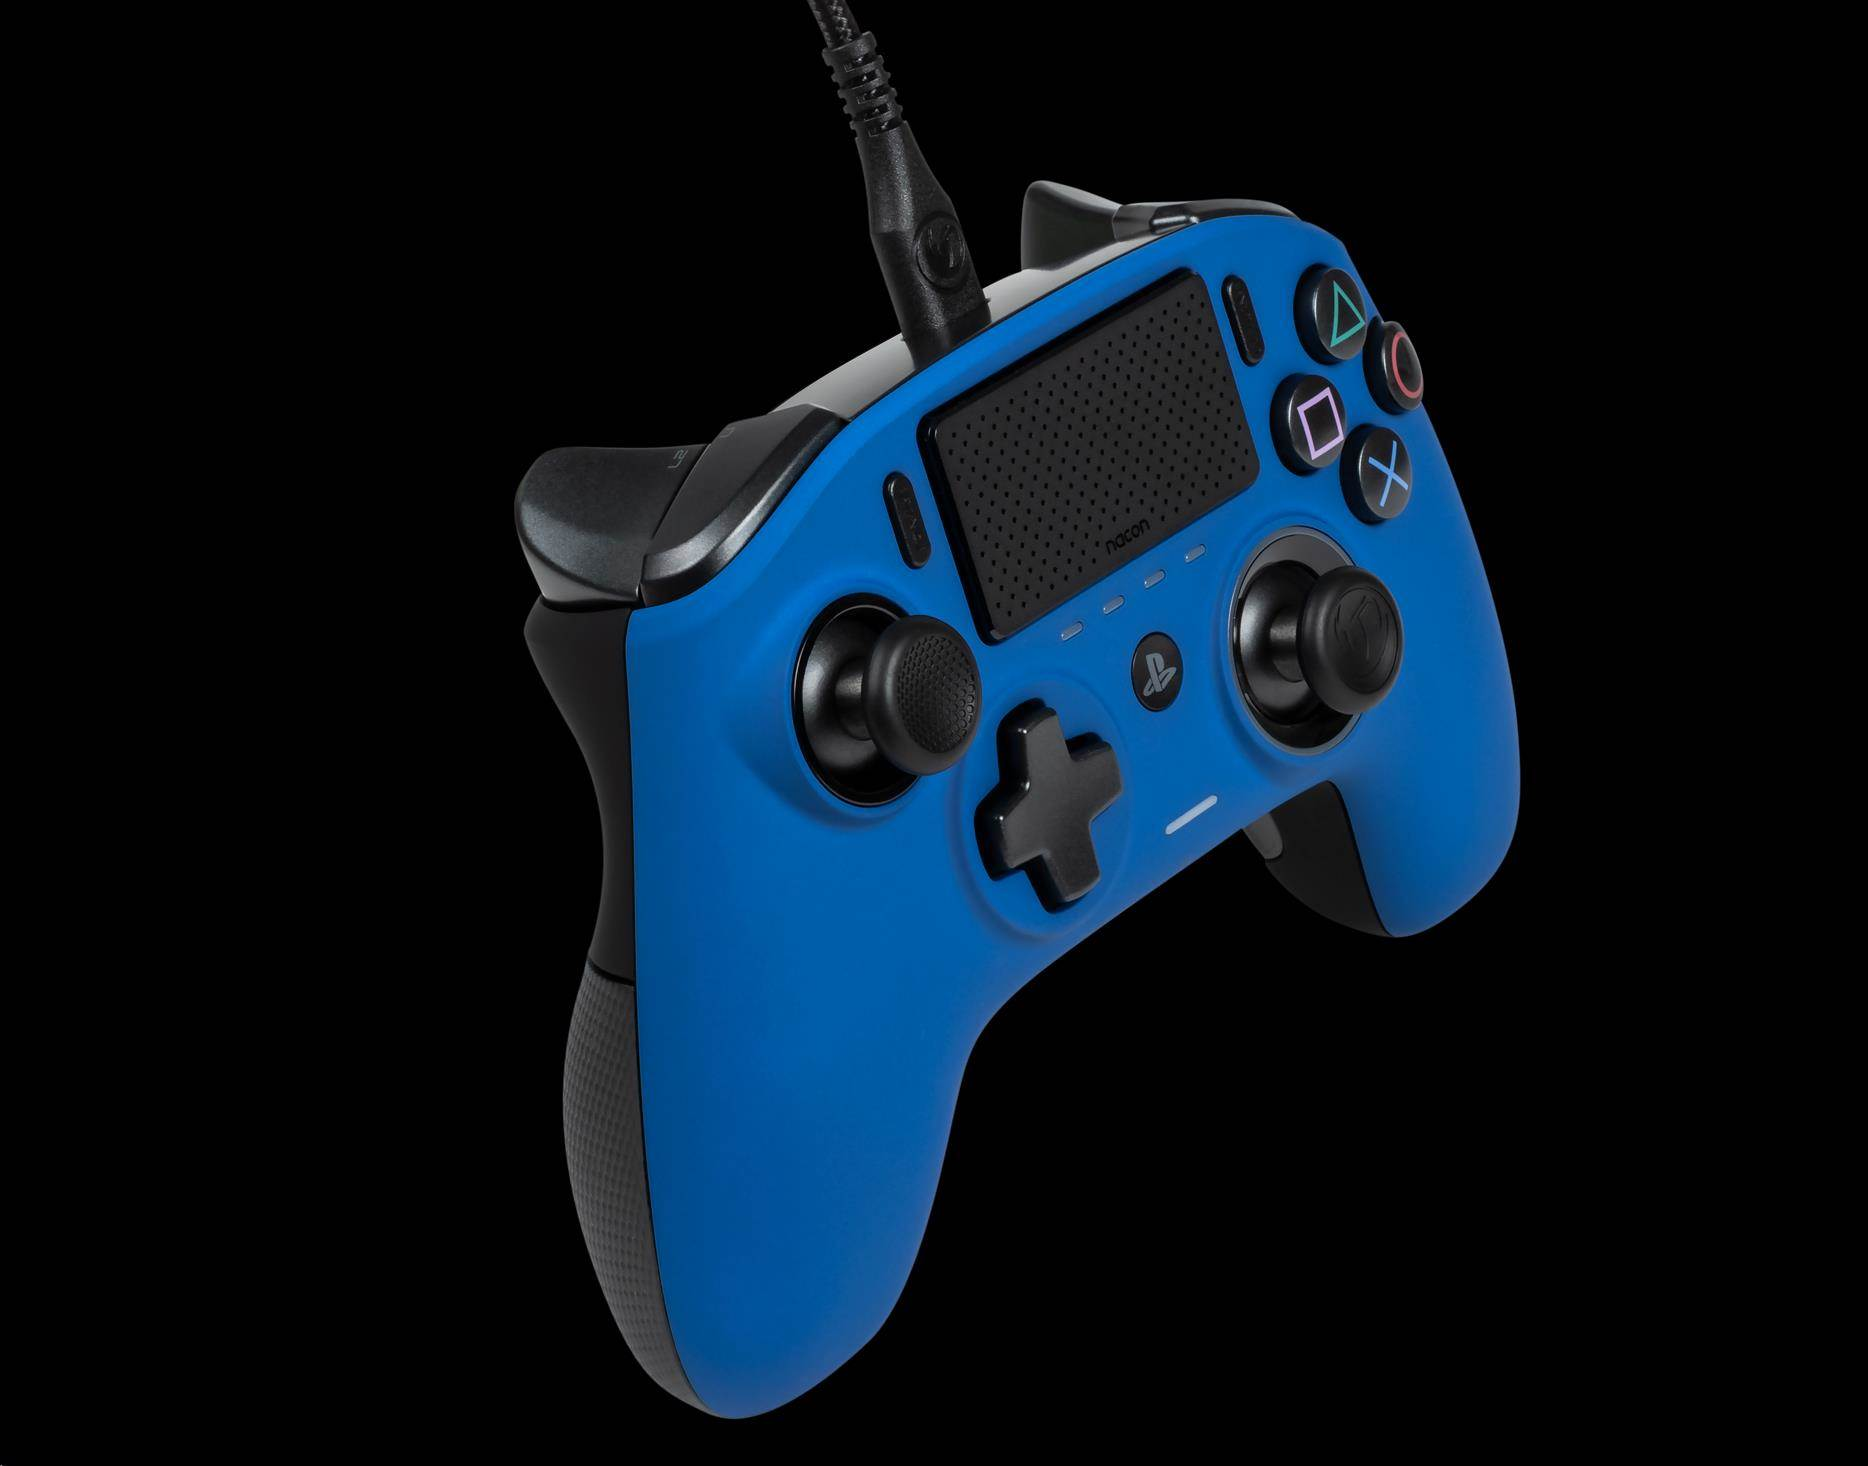 Nacon herní ovladač Revolution Pro Controller 3 (PlayStation 4, PC, Mac) - Blue